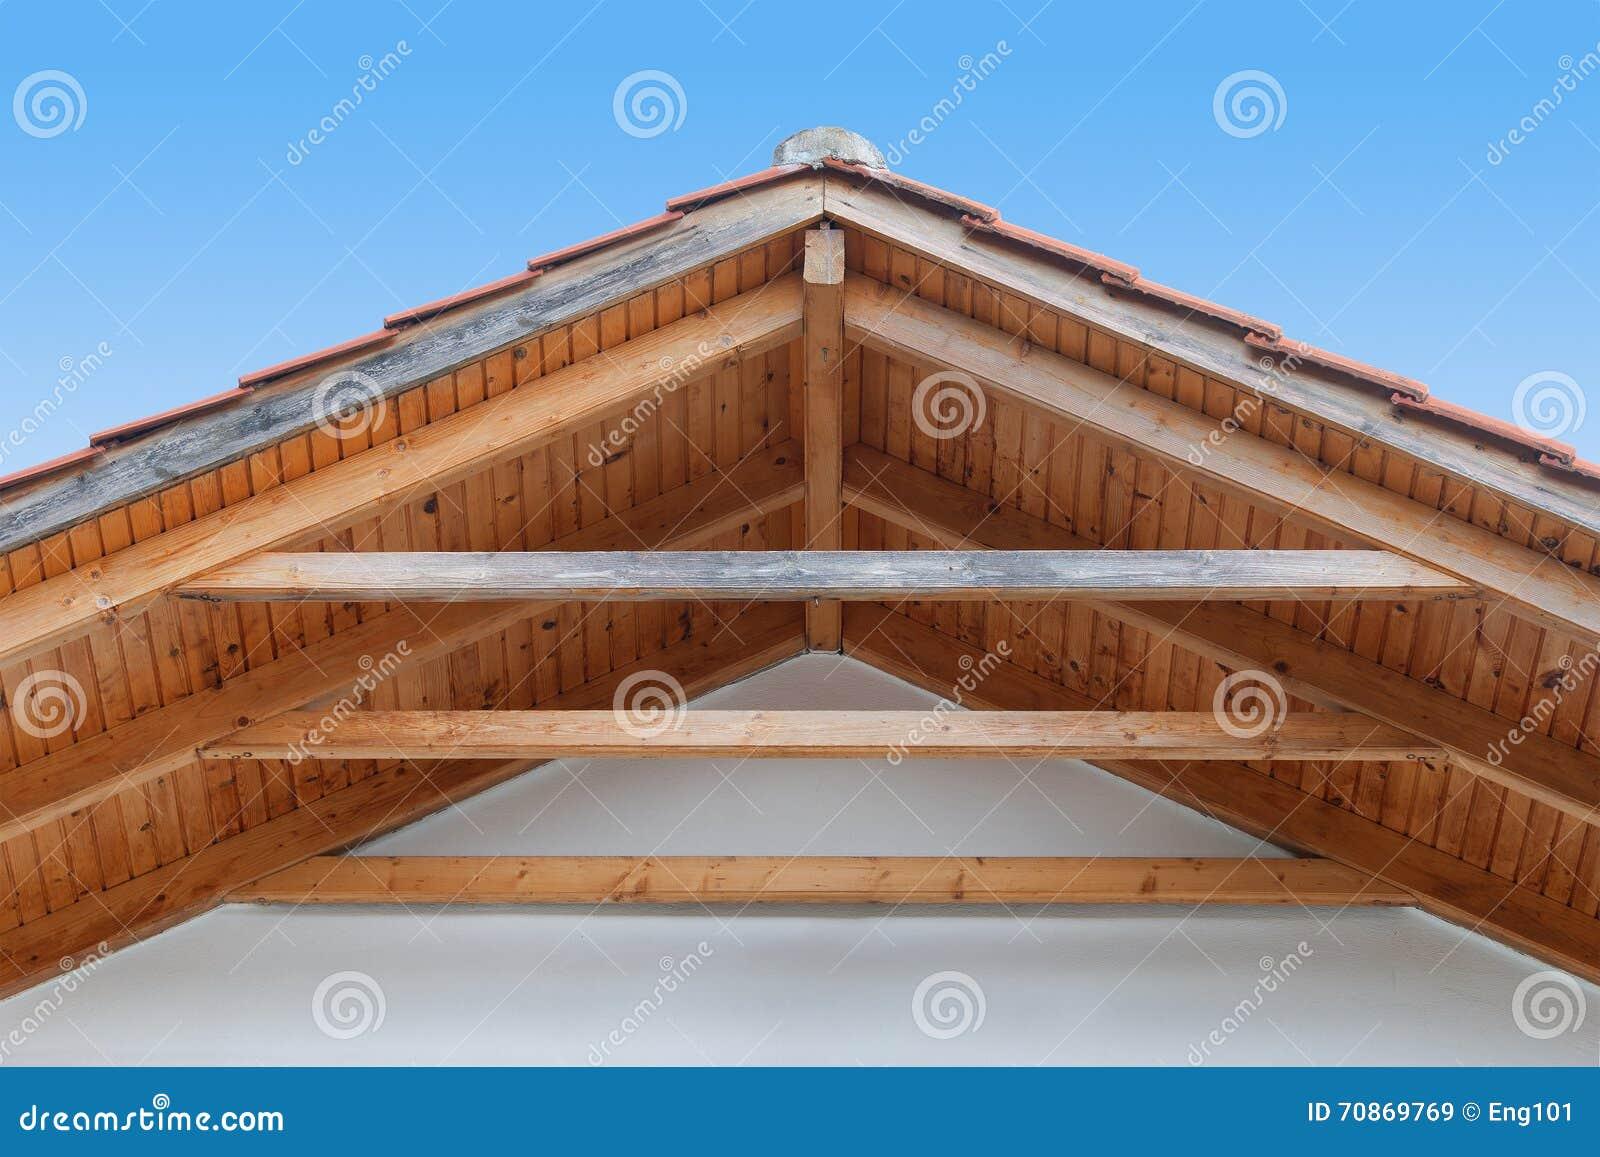 Tejado de madera amazing cubiertas y tejados madera sin - Tejado de madera ...